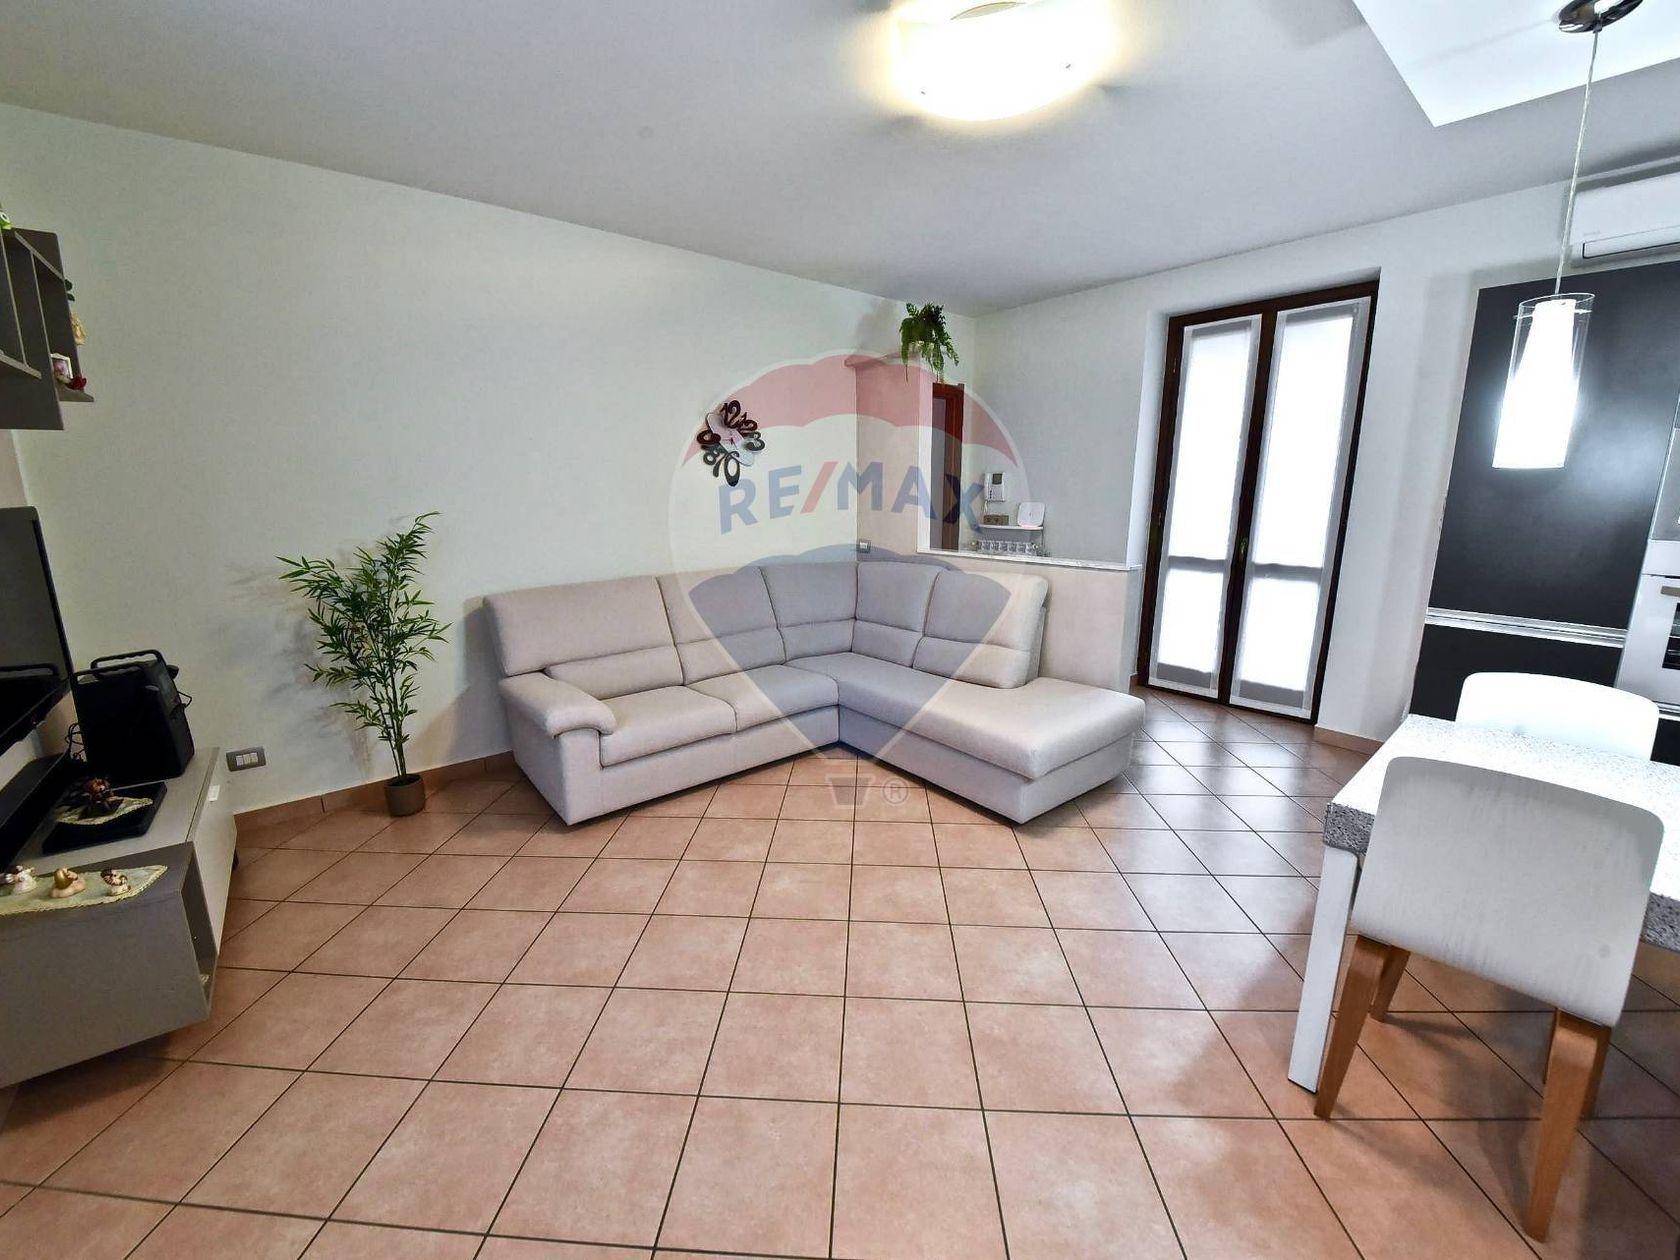 Appartamento Gorla Minore, VA Vendita - Foto 8